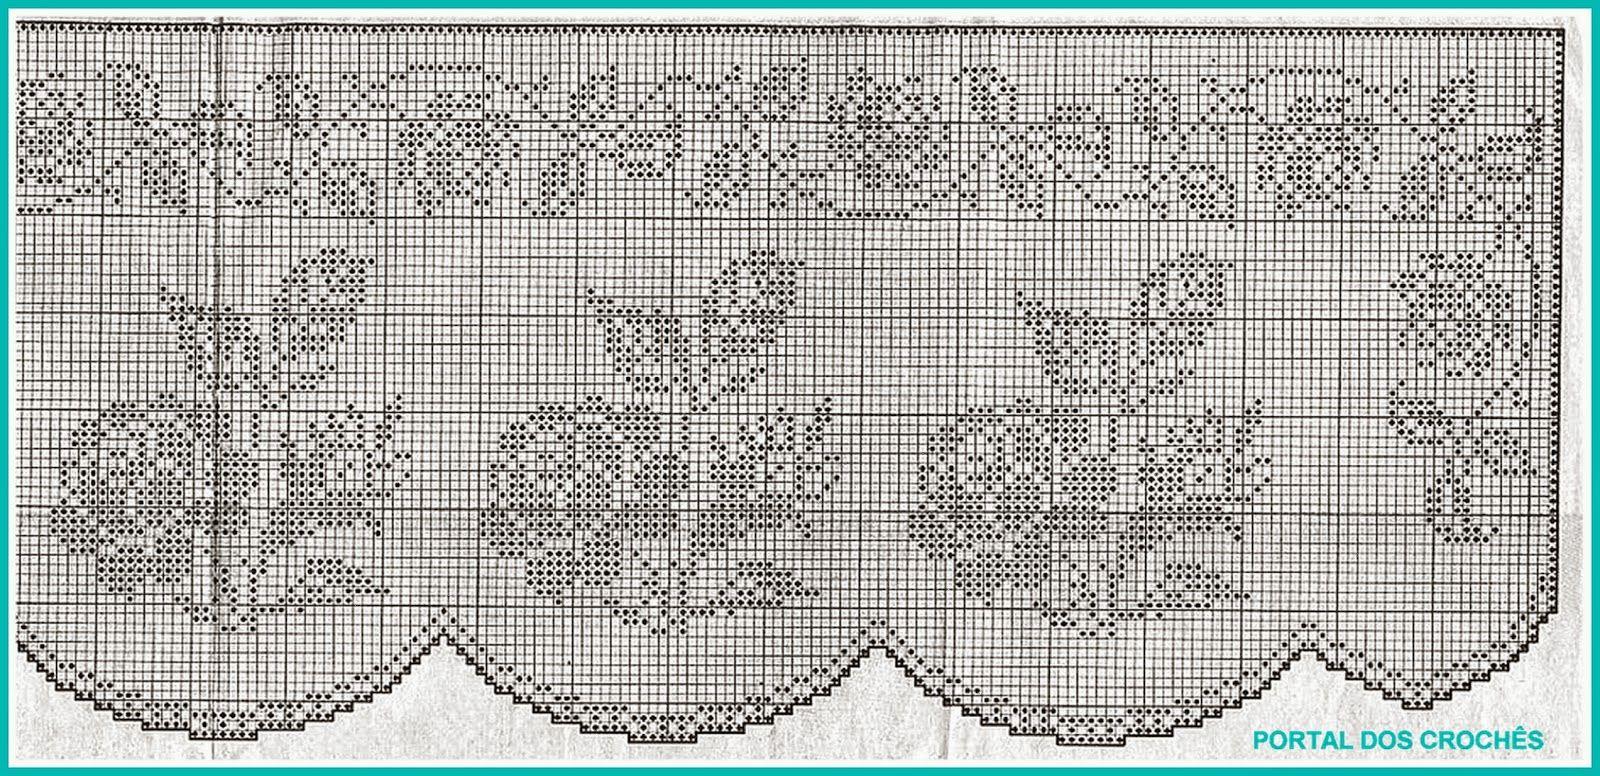 Rosas em Crochet File | Graficos de Crocht File | Pinterest ...